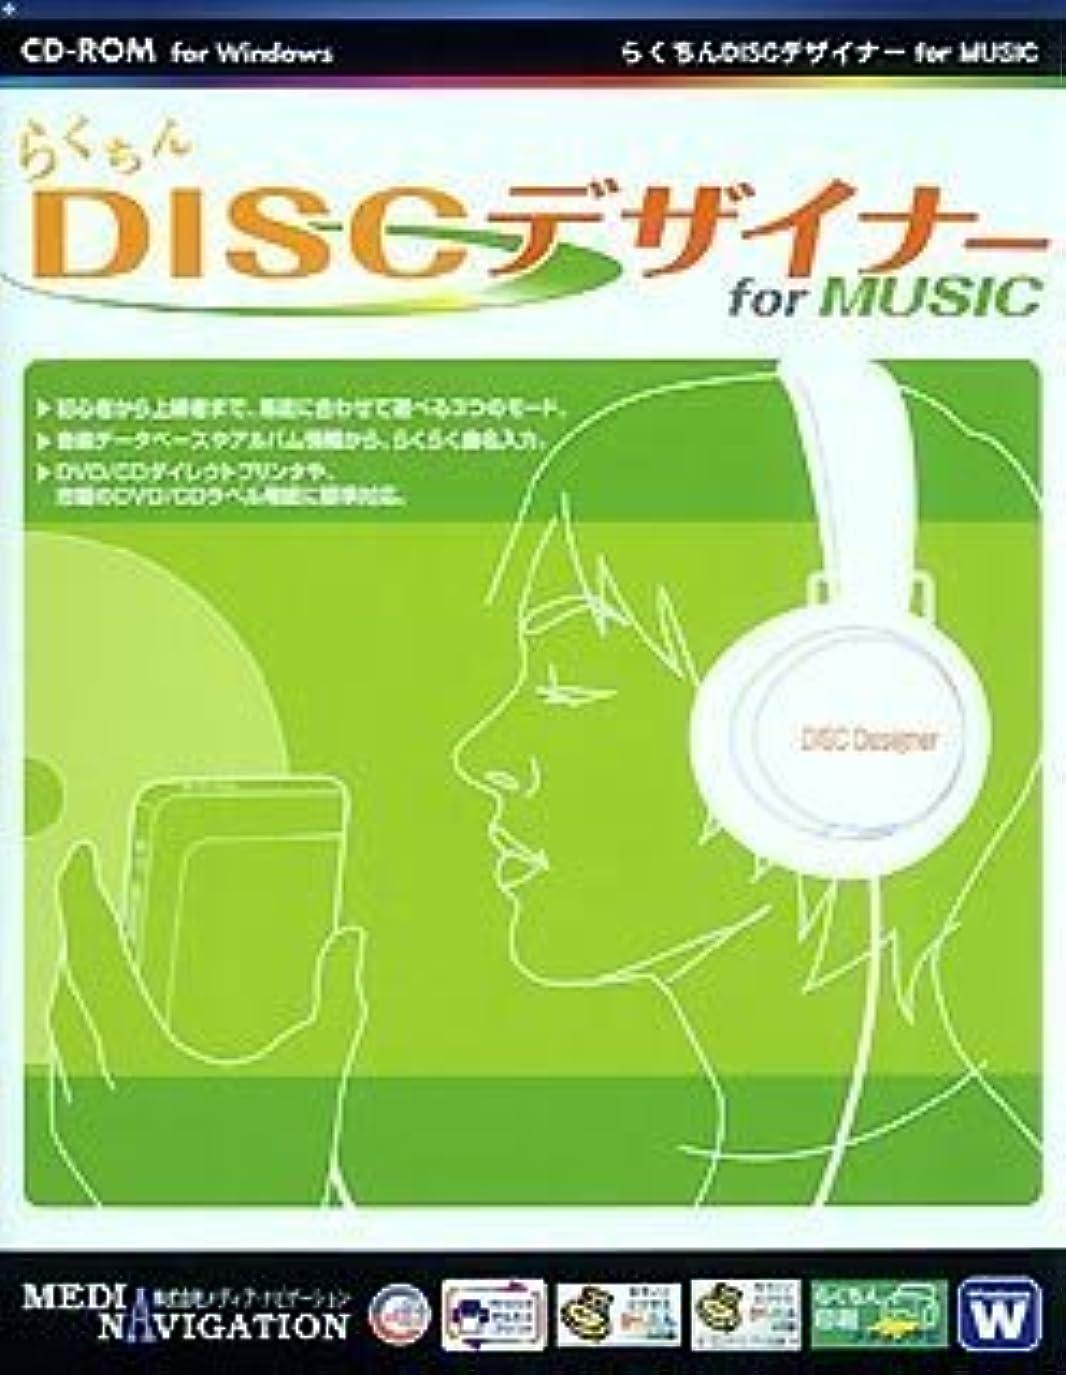 らくちん DISC デザイナー for MUSIC